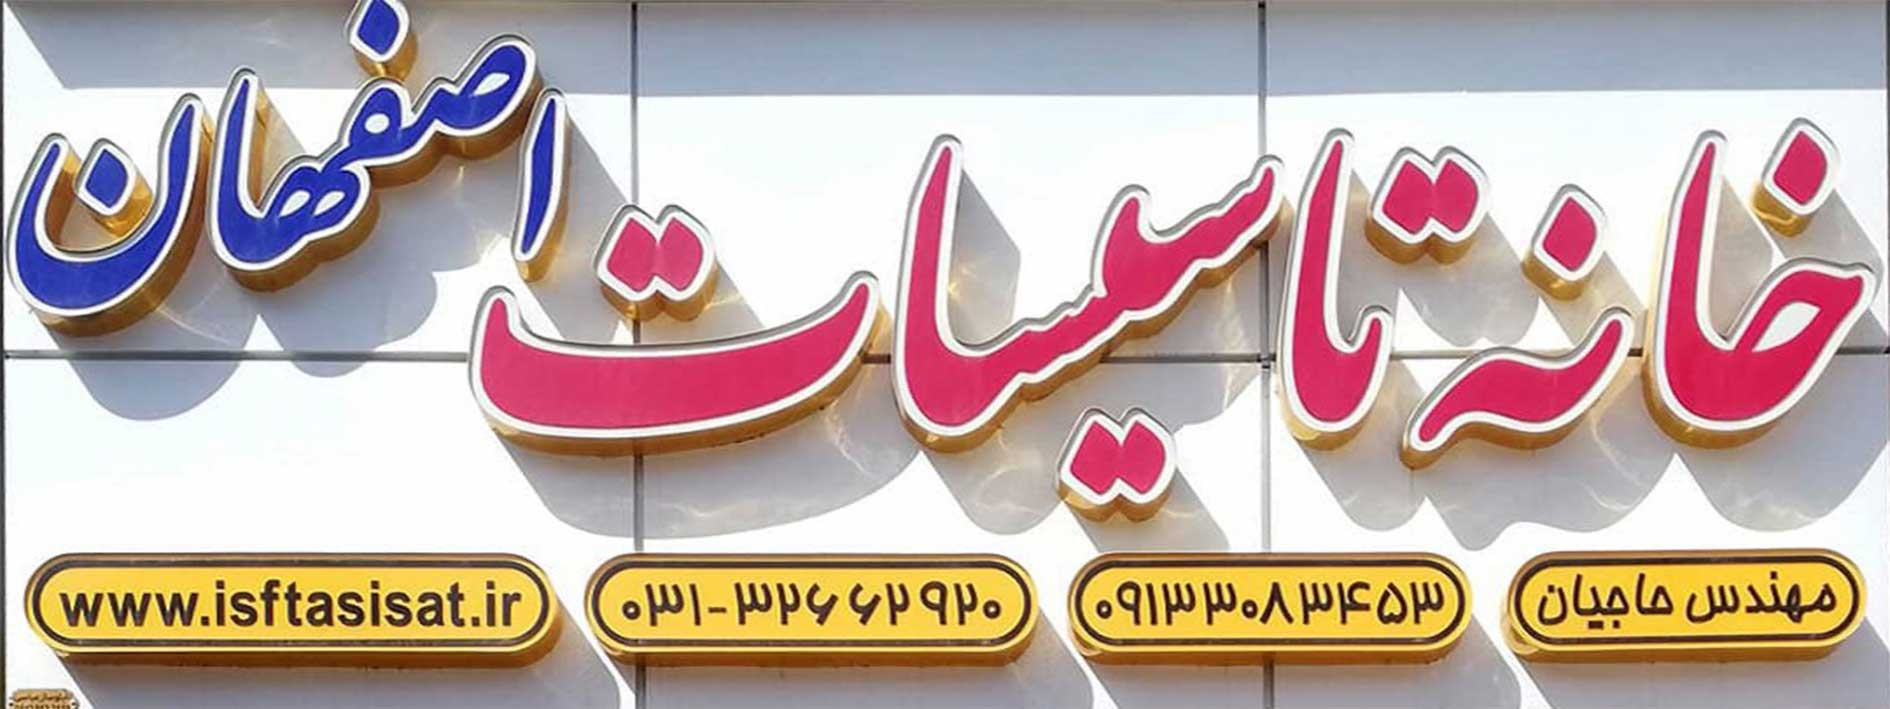 فن کویل در اصفهان | نمایندگی فن کویل در اصفهان | خانه تاسیسات اصفهان